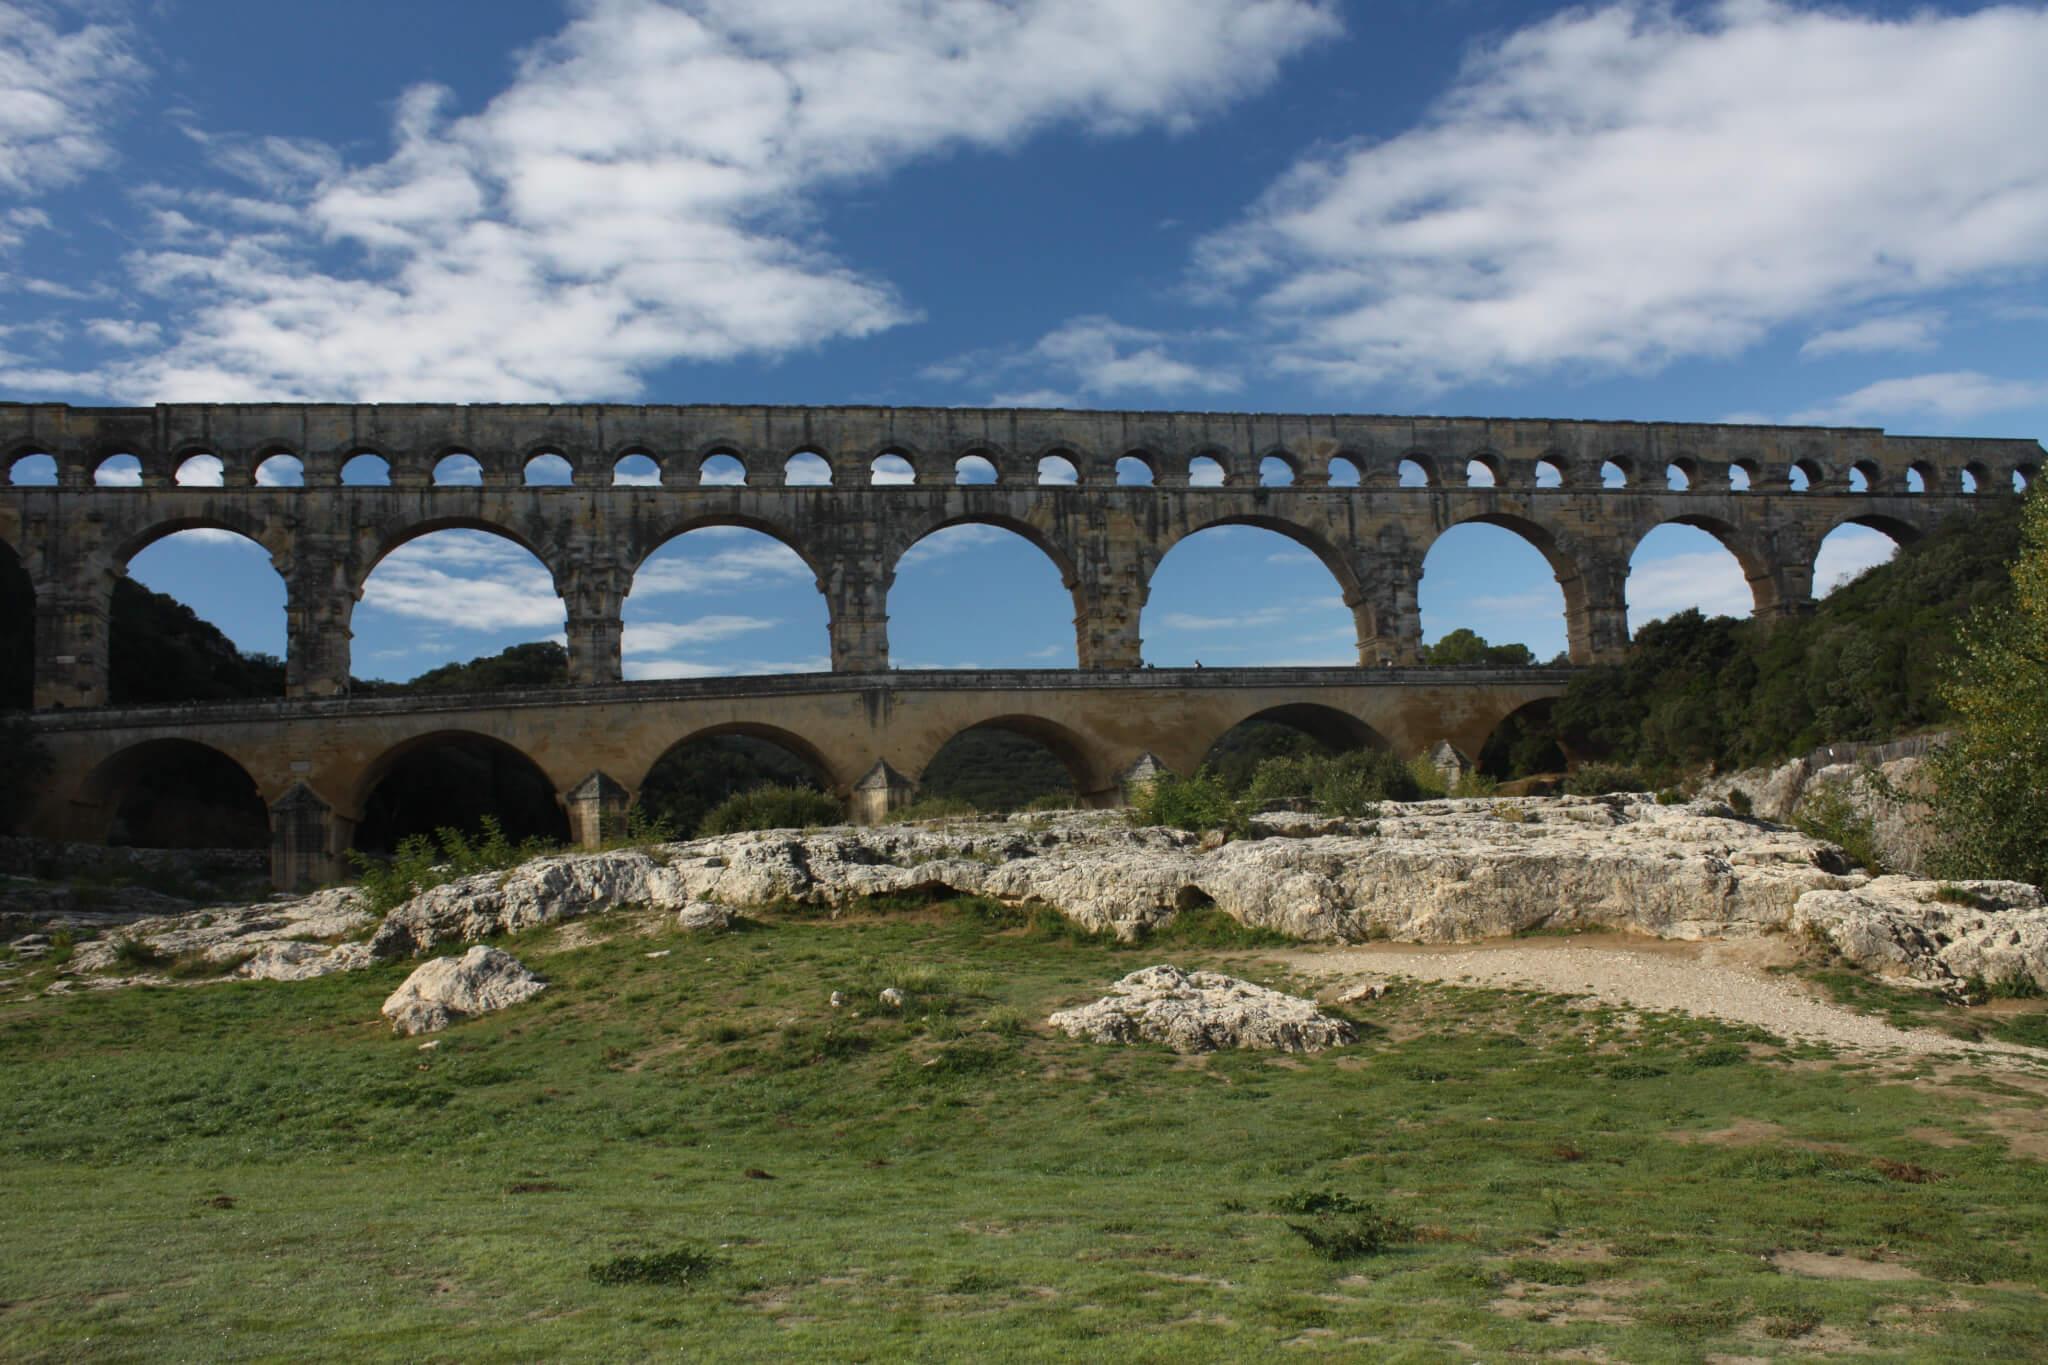 Pont du Gard, Vers-Pont-du-Gard